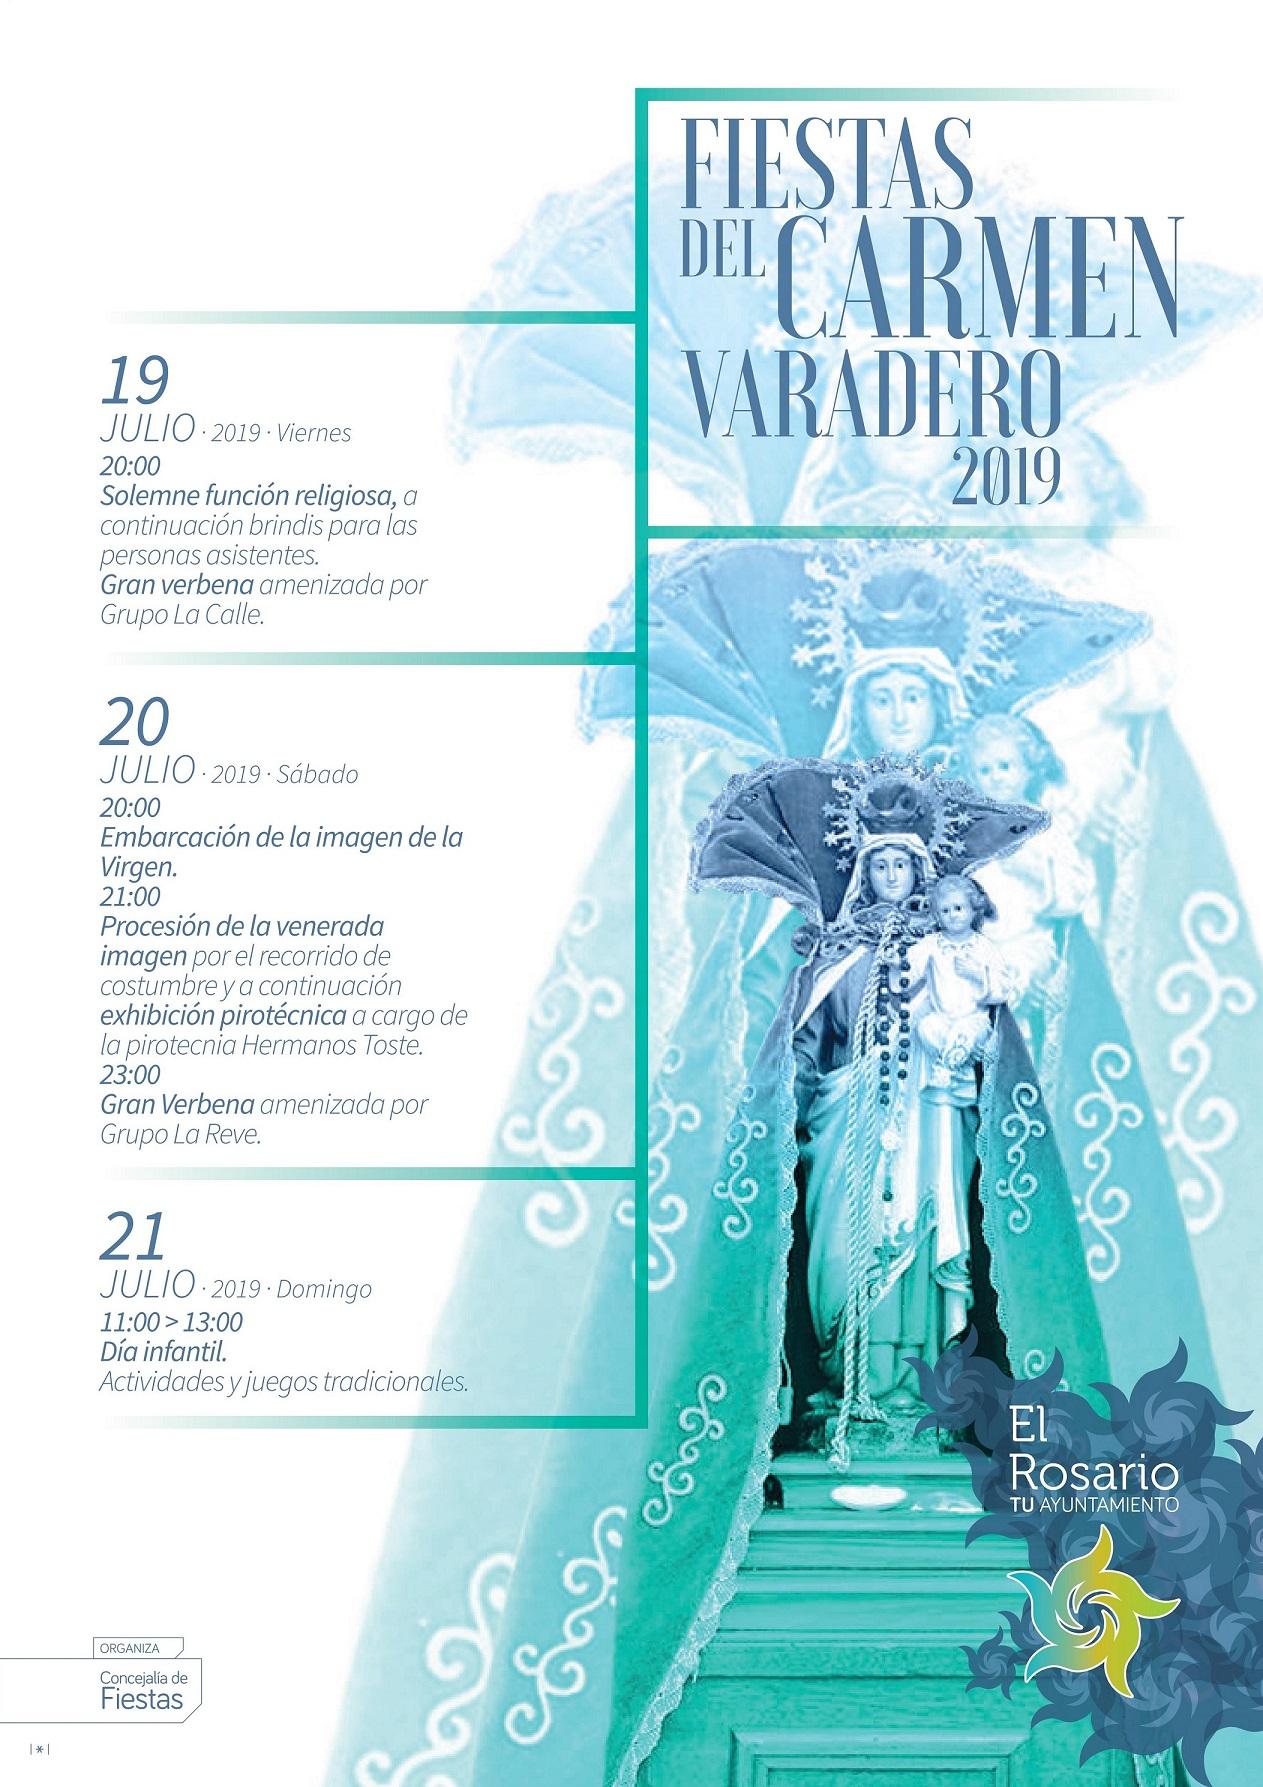 FIESTAS_CARMEN_VARADERO-20190719-CARTEL_A3-20190626-01af- - copia